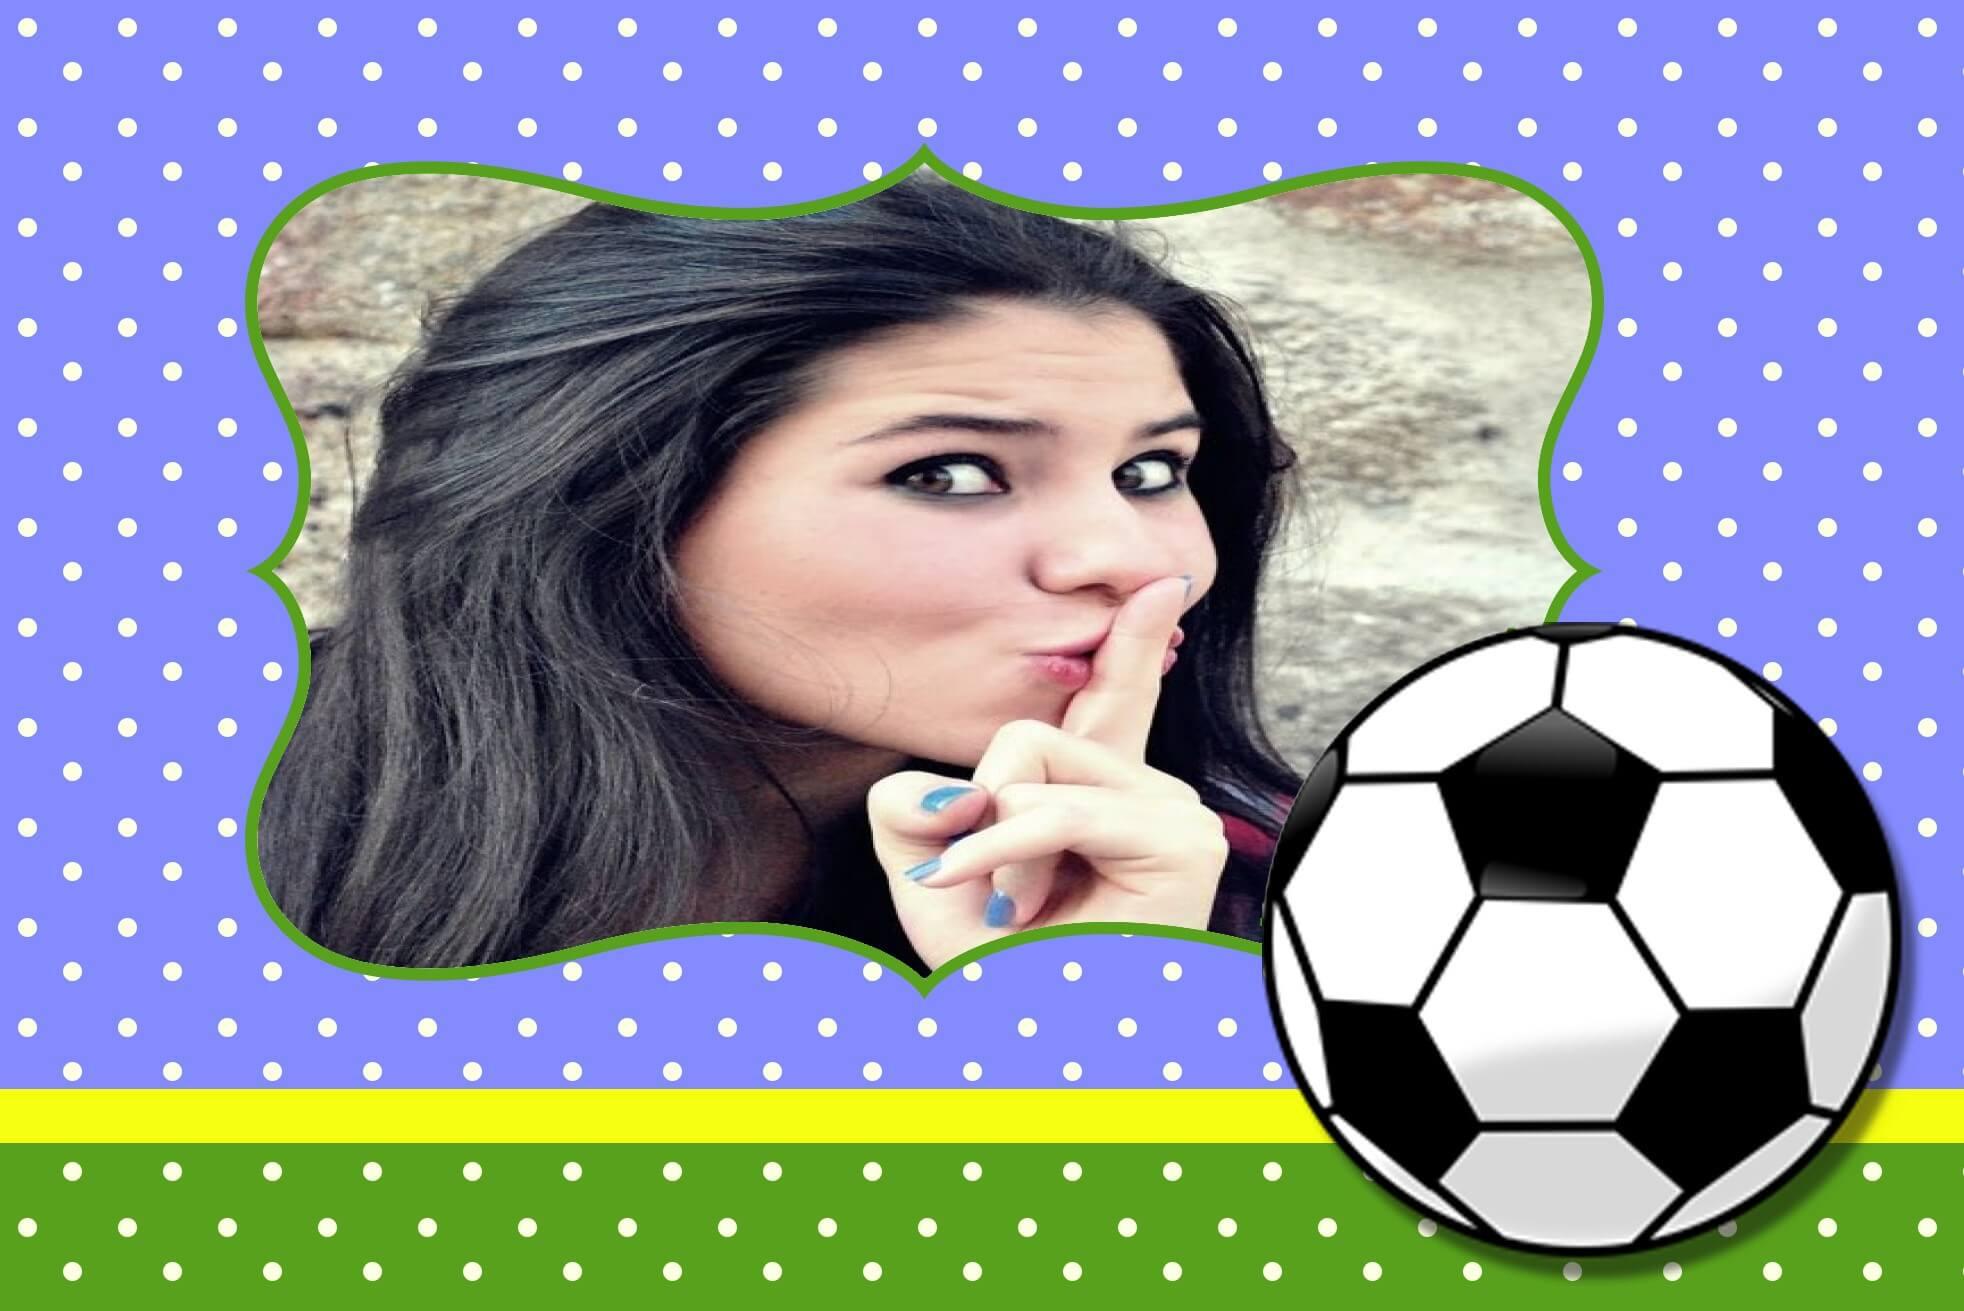 montagem-de-fotos-com-bola-de-futebol